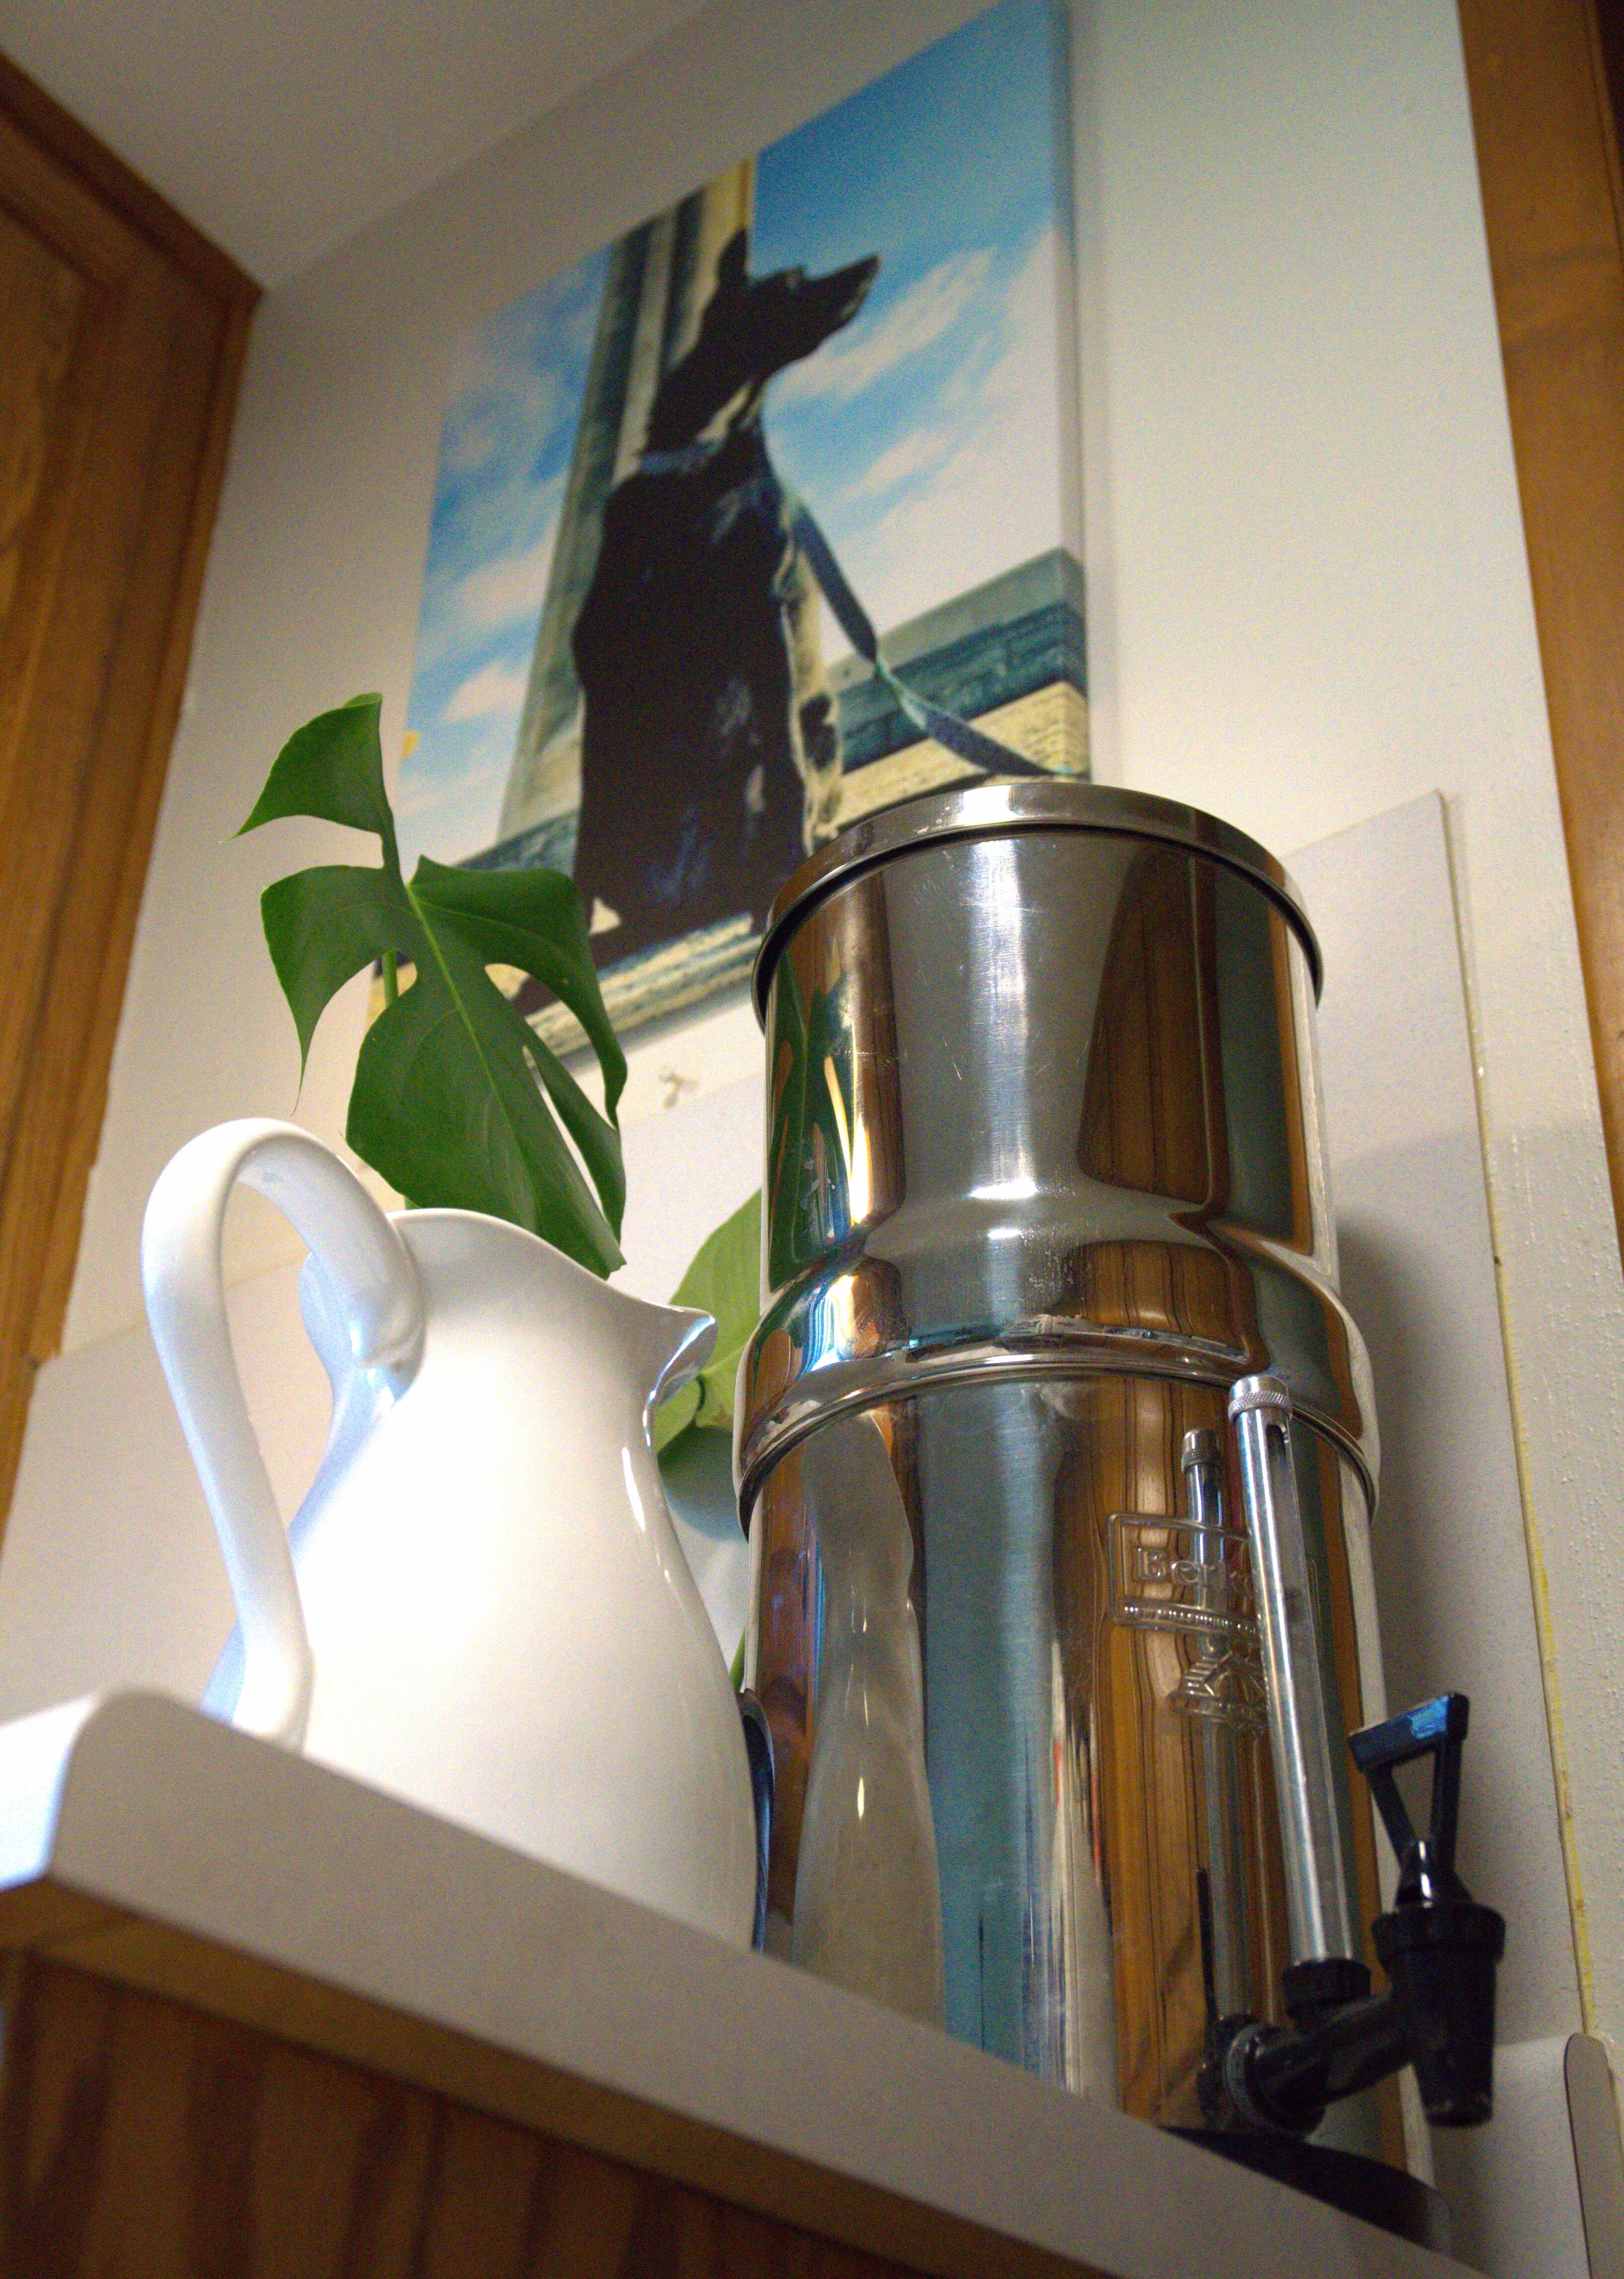 big berkey water filter in kitchen